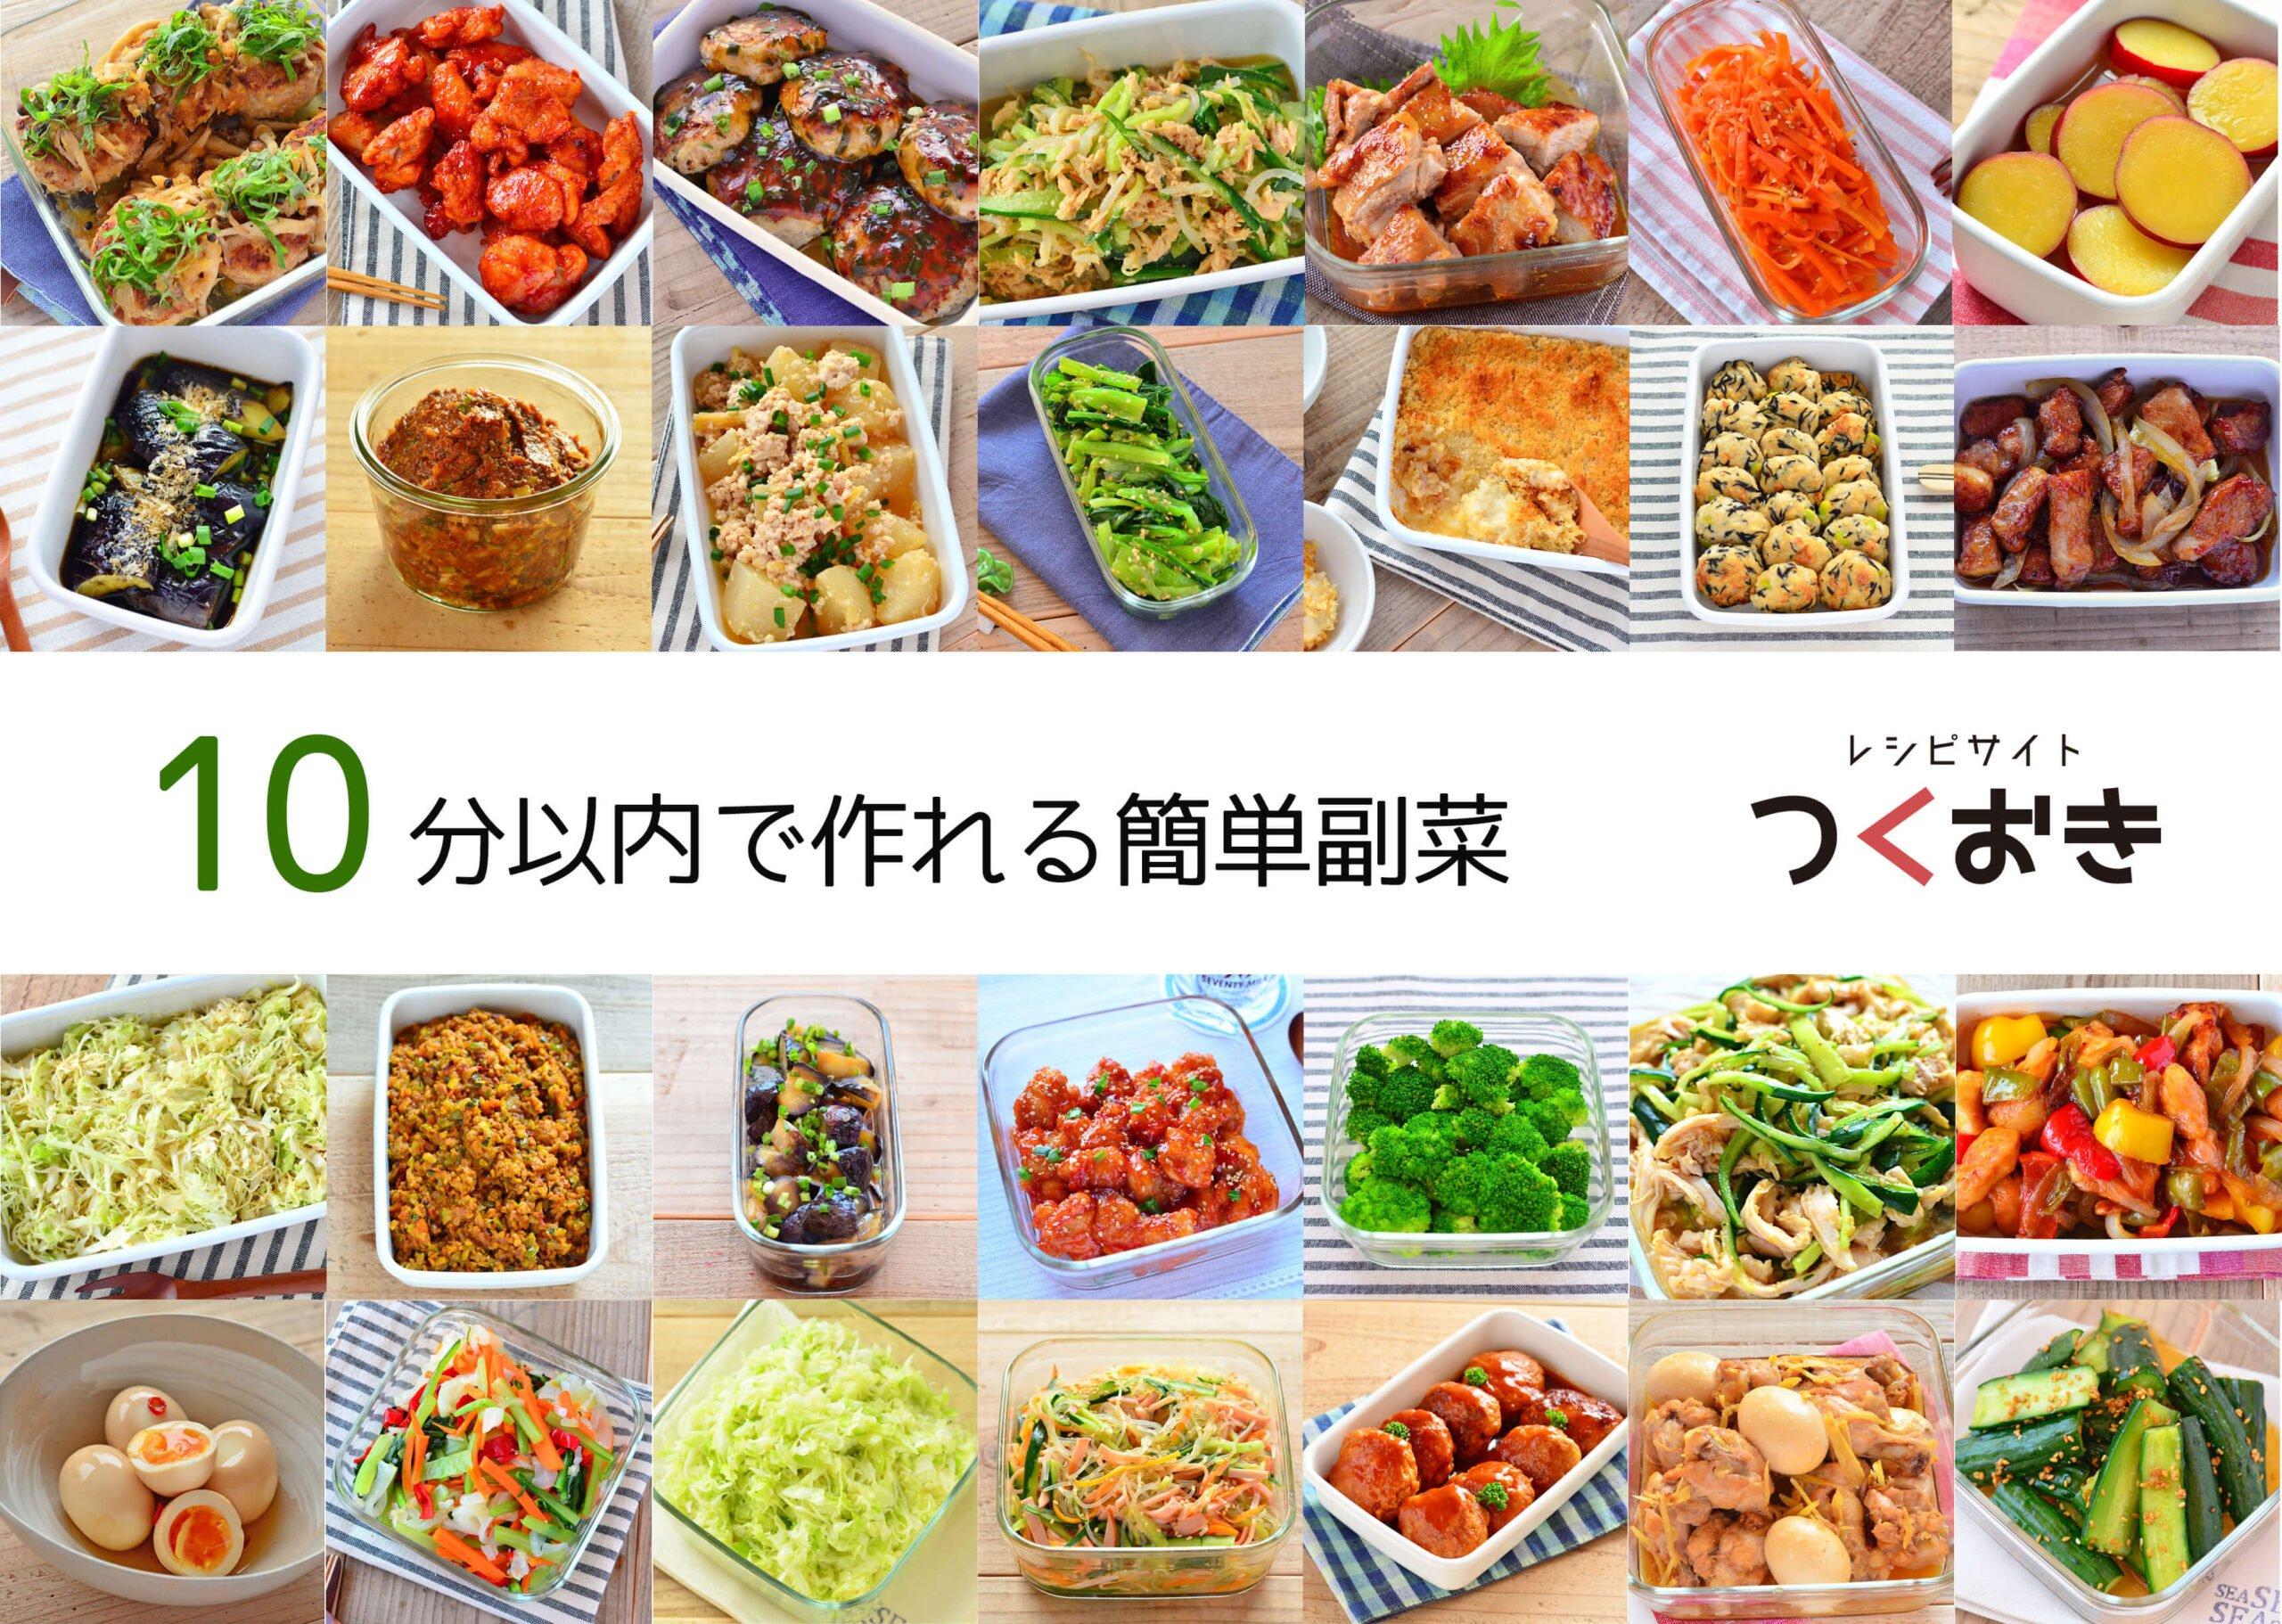 10分以内で作れる簡単副菜【人気順】 | つくおき | 作り置き・簡単 ...